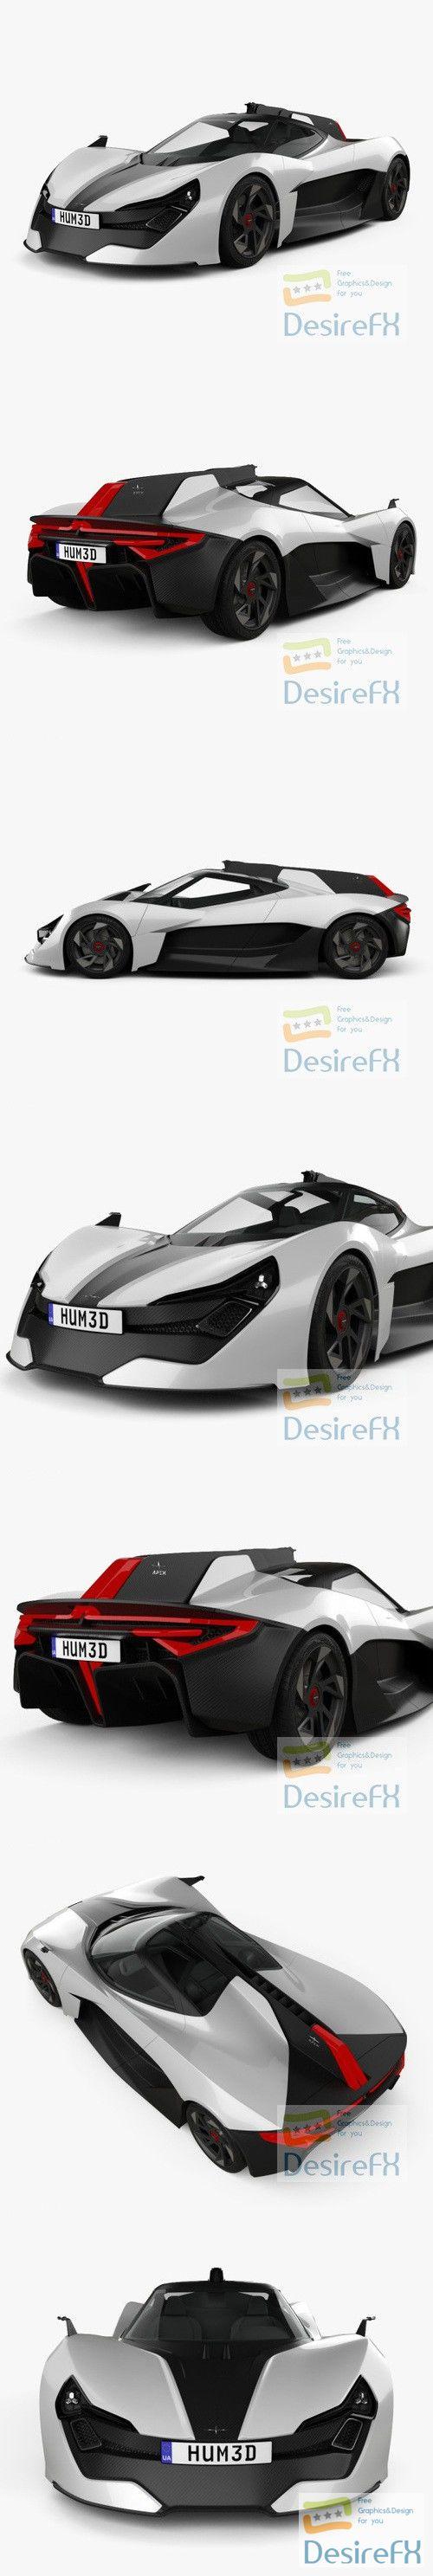 Apex AP-0 2020 Concept 3D Model